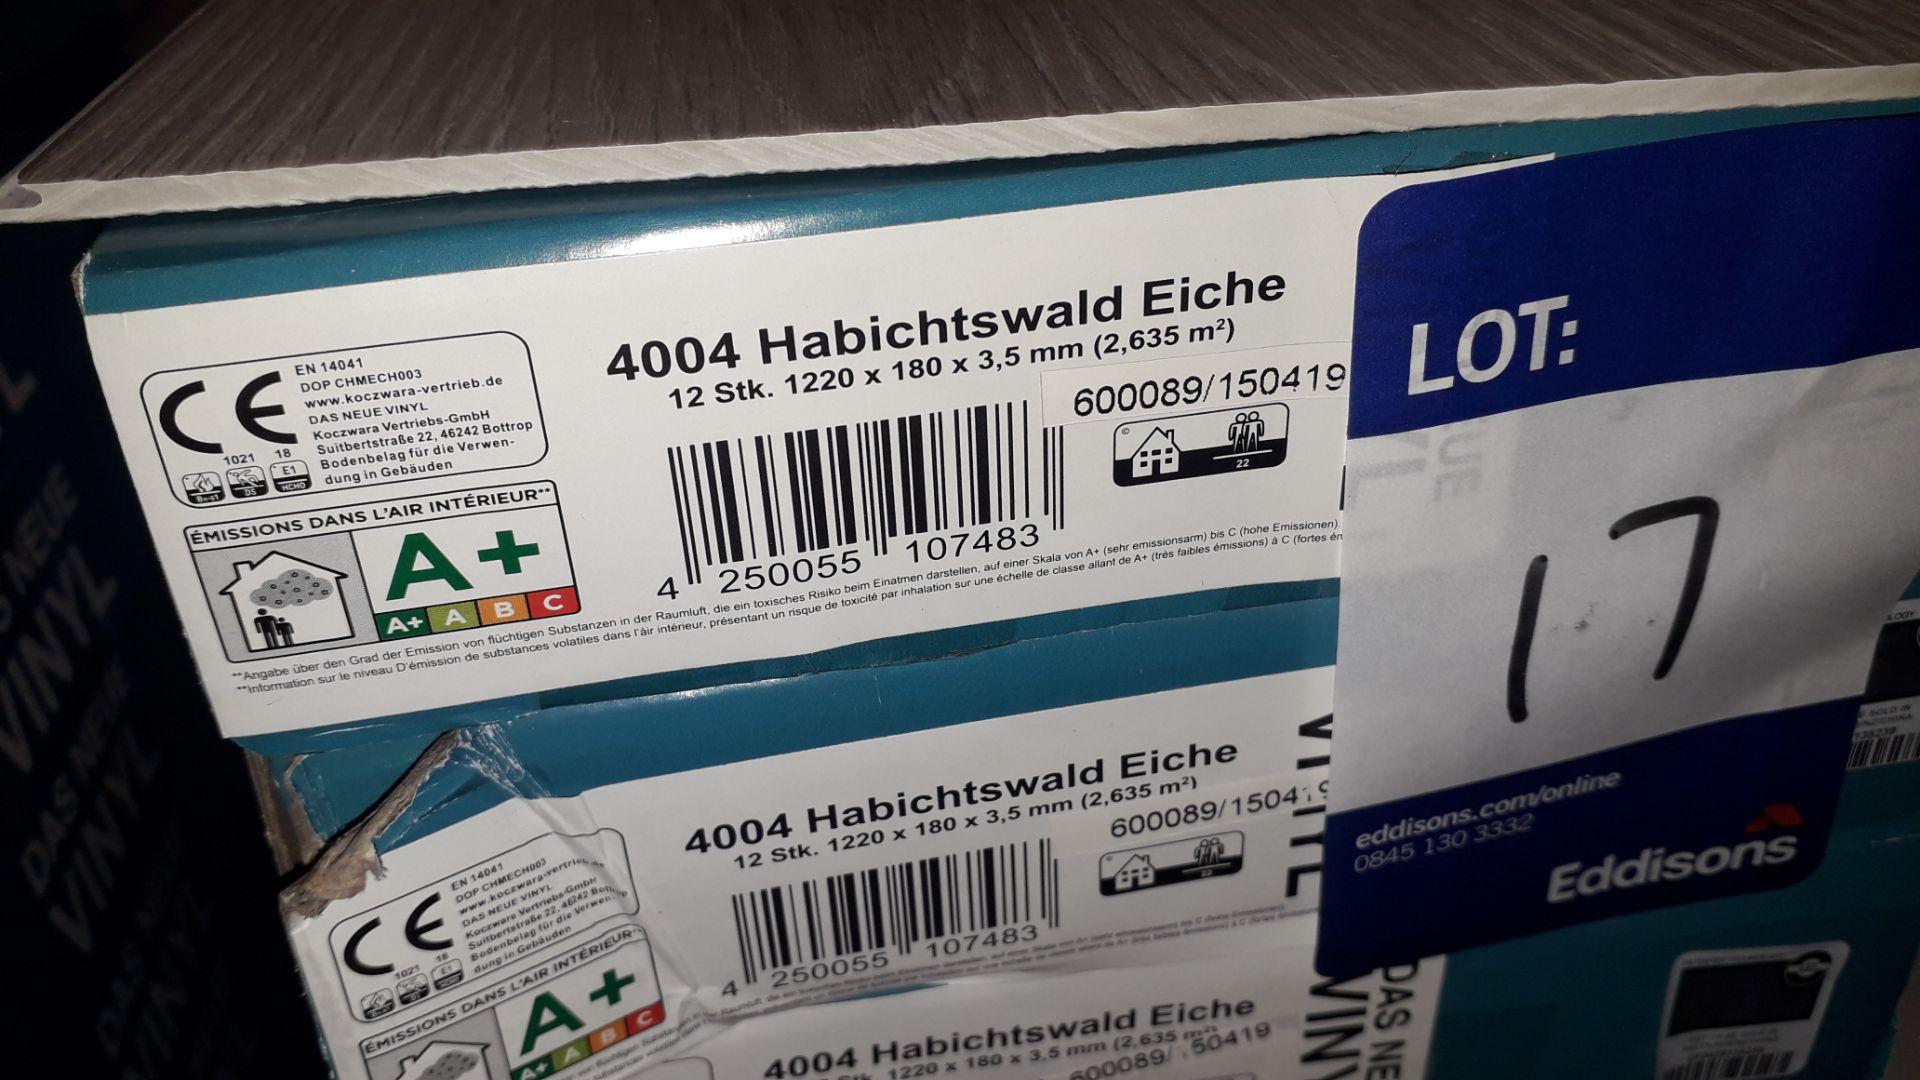 Lot 17 - 9 Packs of Das Neue Vinyl 3.5mm Habichtwald Eiche (Hawk Forest Oak) Vinyl Flooring 2.63m² Per Pack –